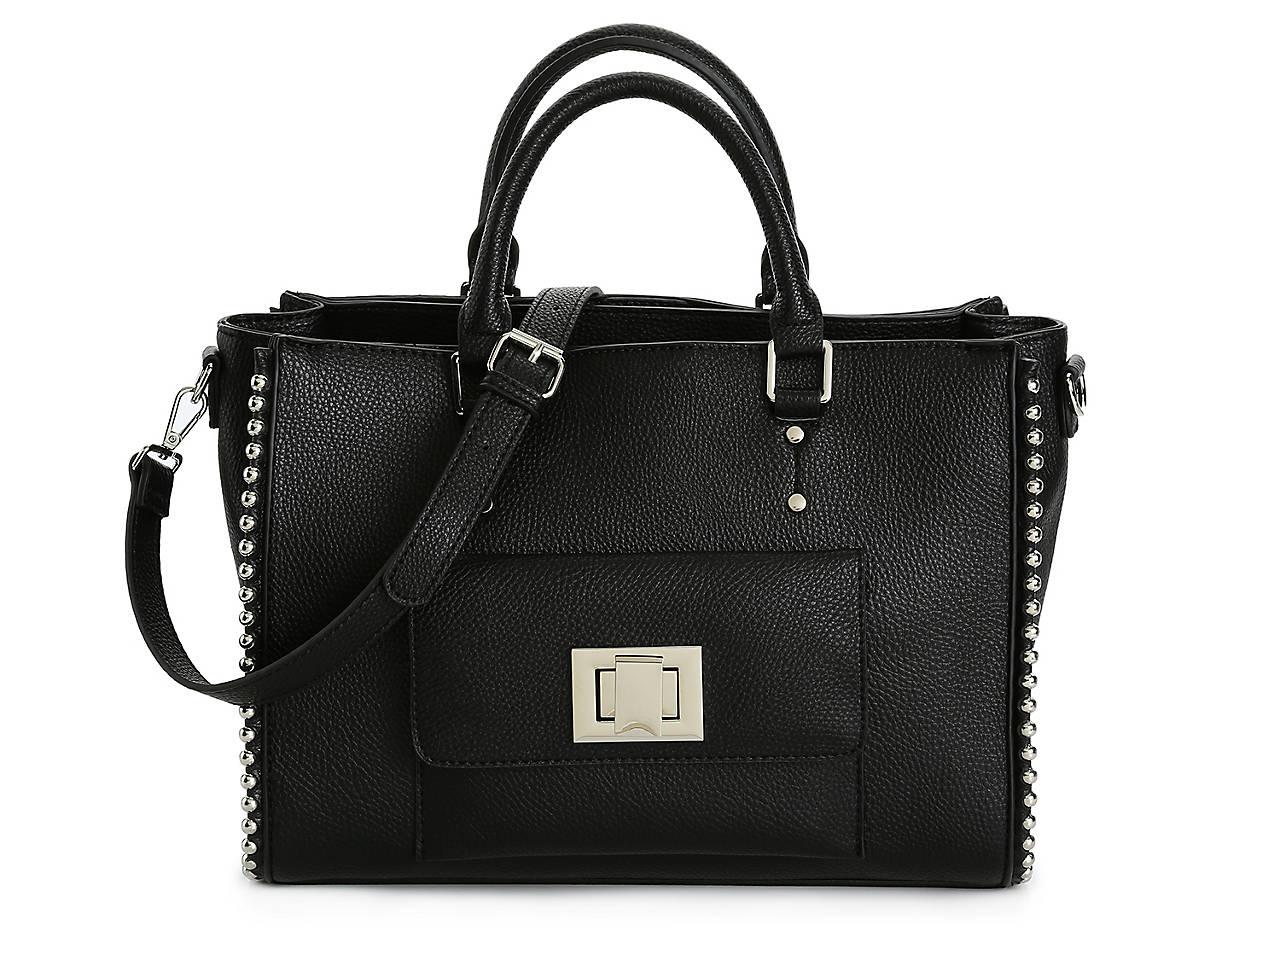 6c71d3fd7 Steve Madden Bball Satchel Women's Handbags & Accessories | DSW